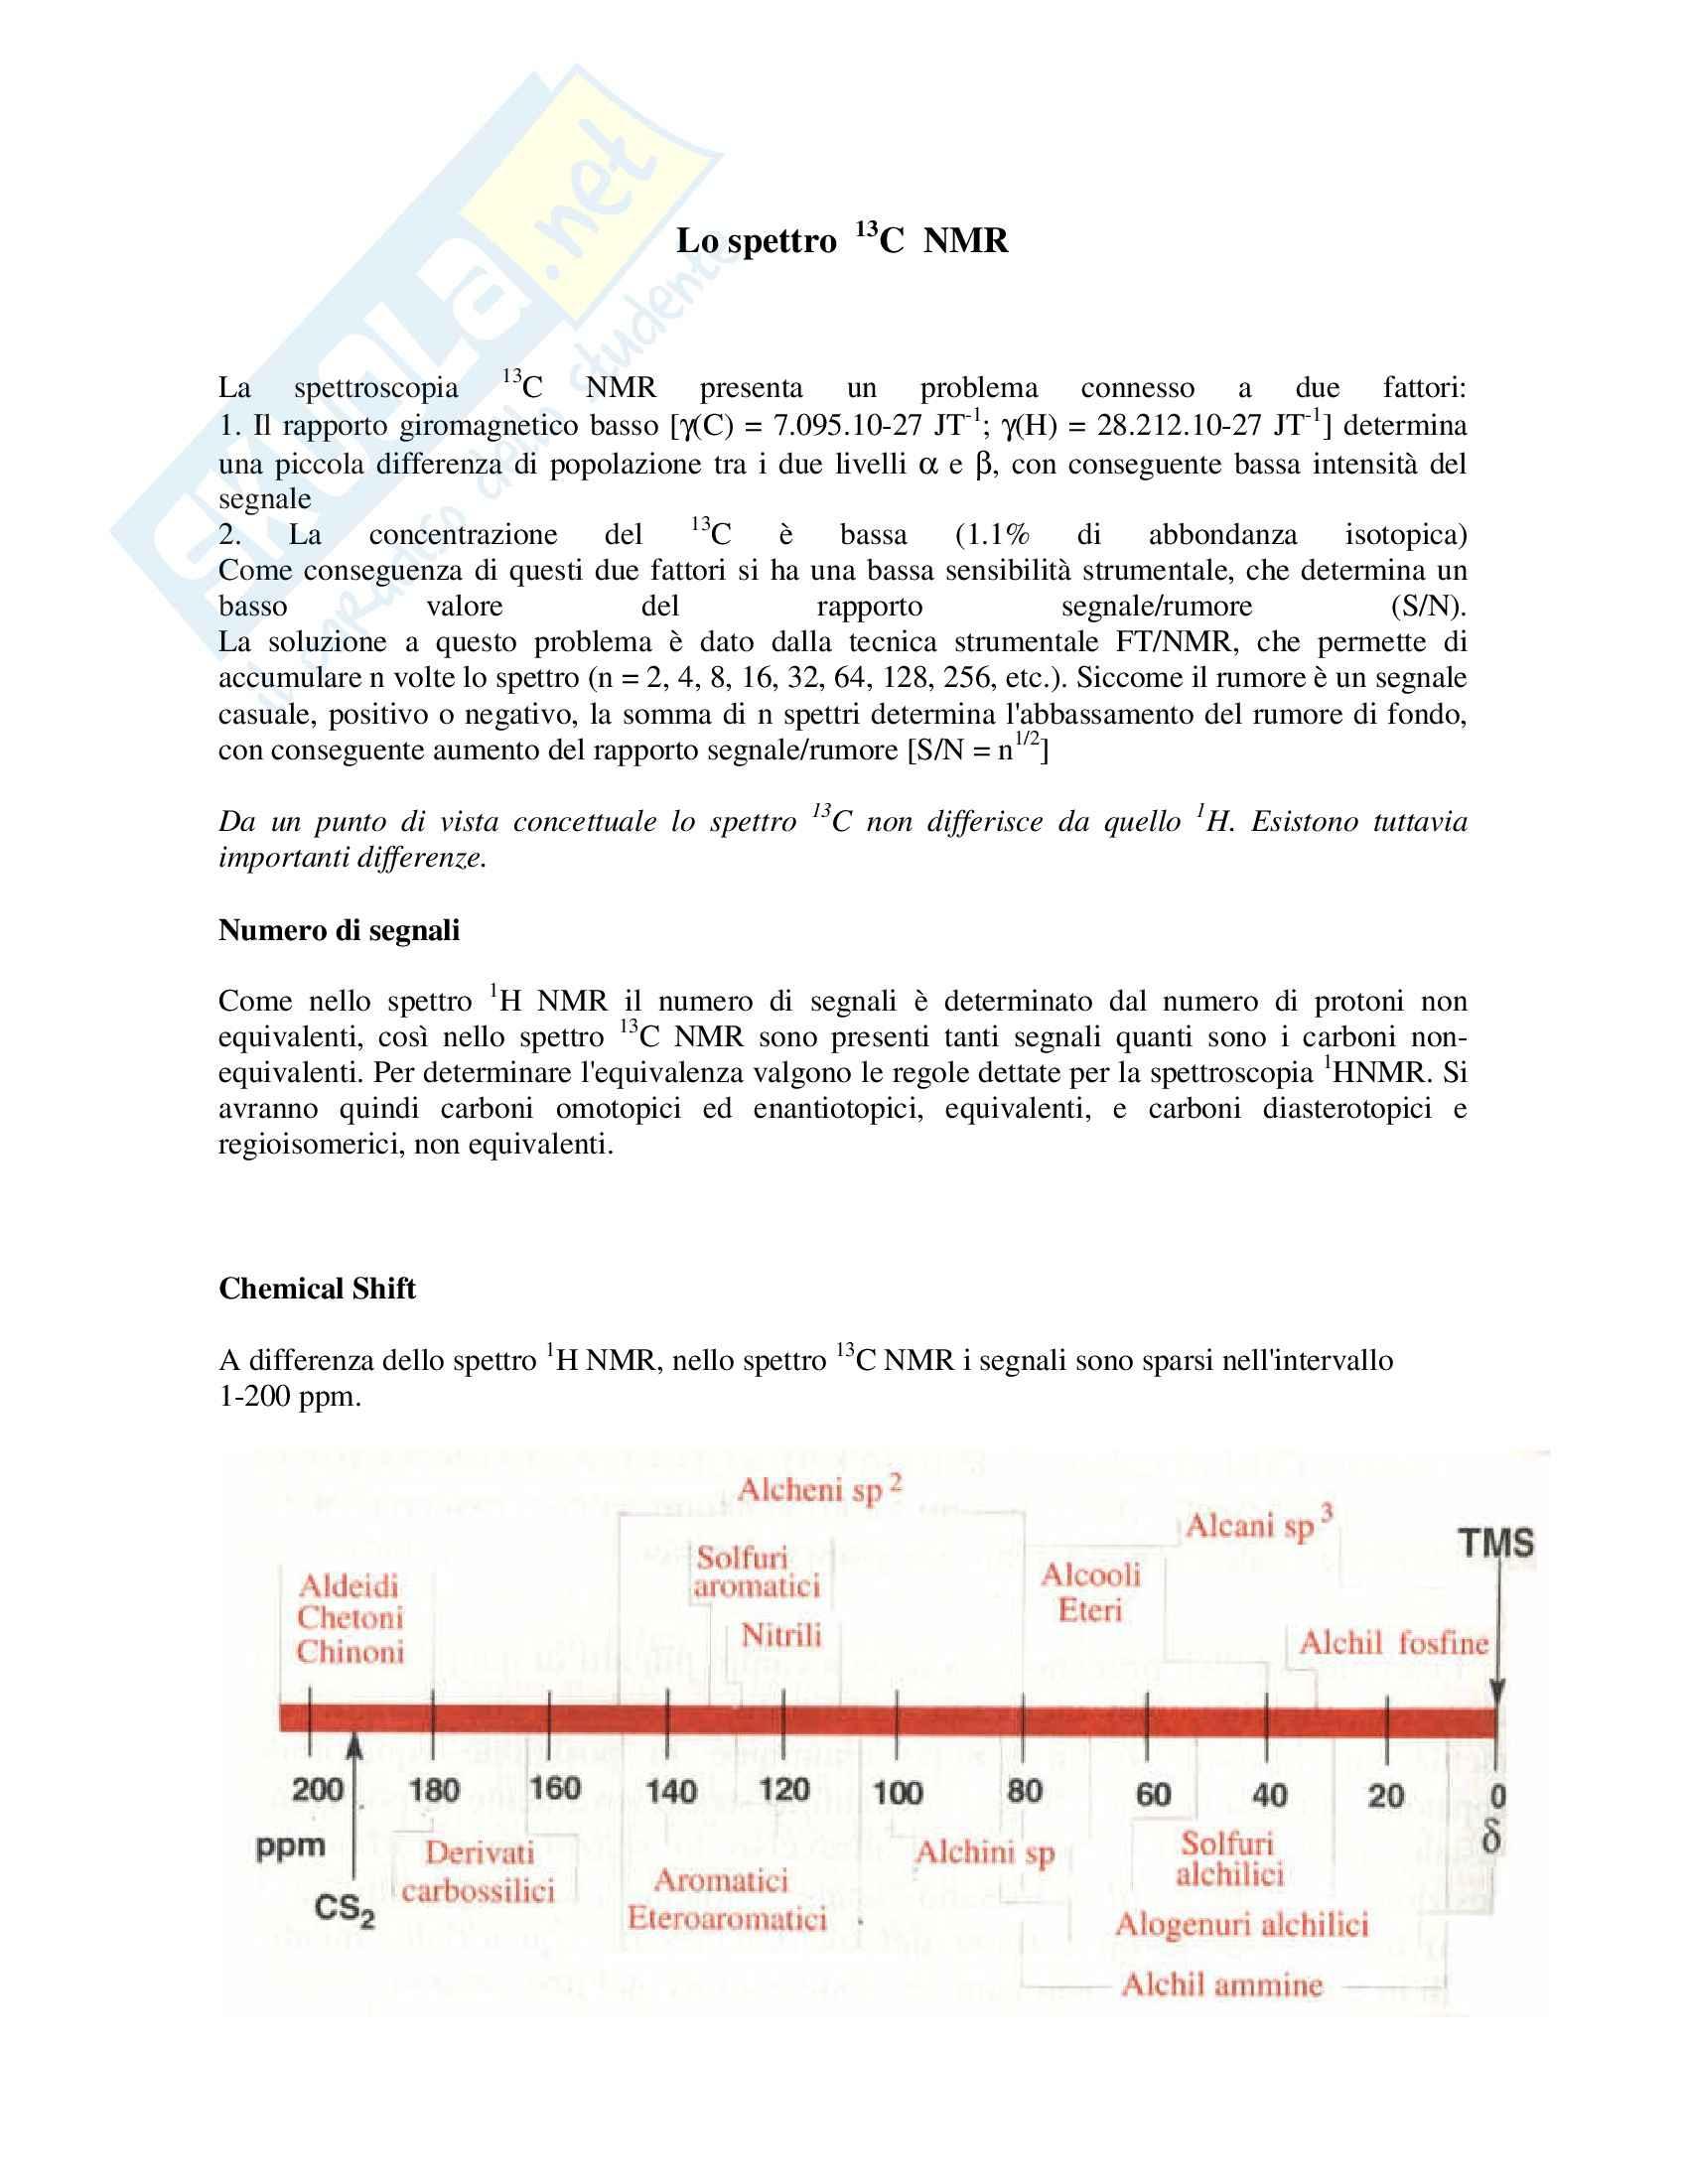 Spettroscopia - spettroscopia nmr c-13